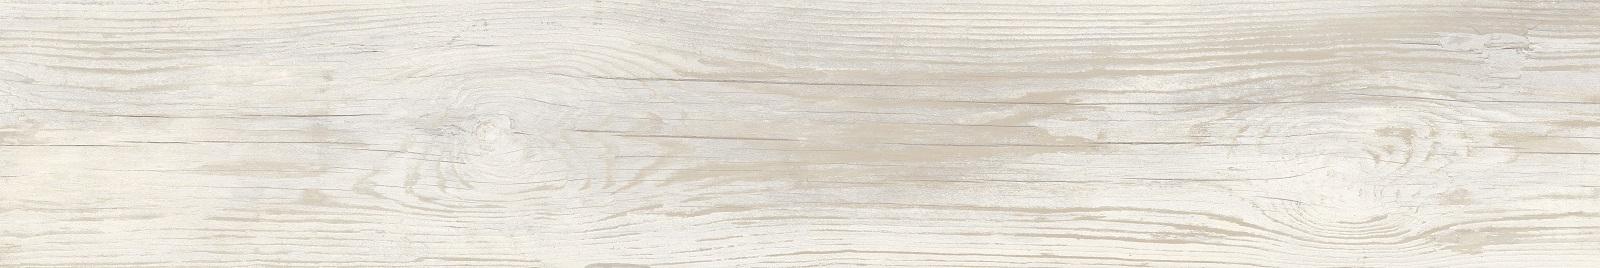 Плитка Legno Bianco (zzxlv1r) изображение 5